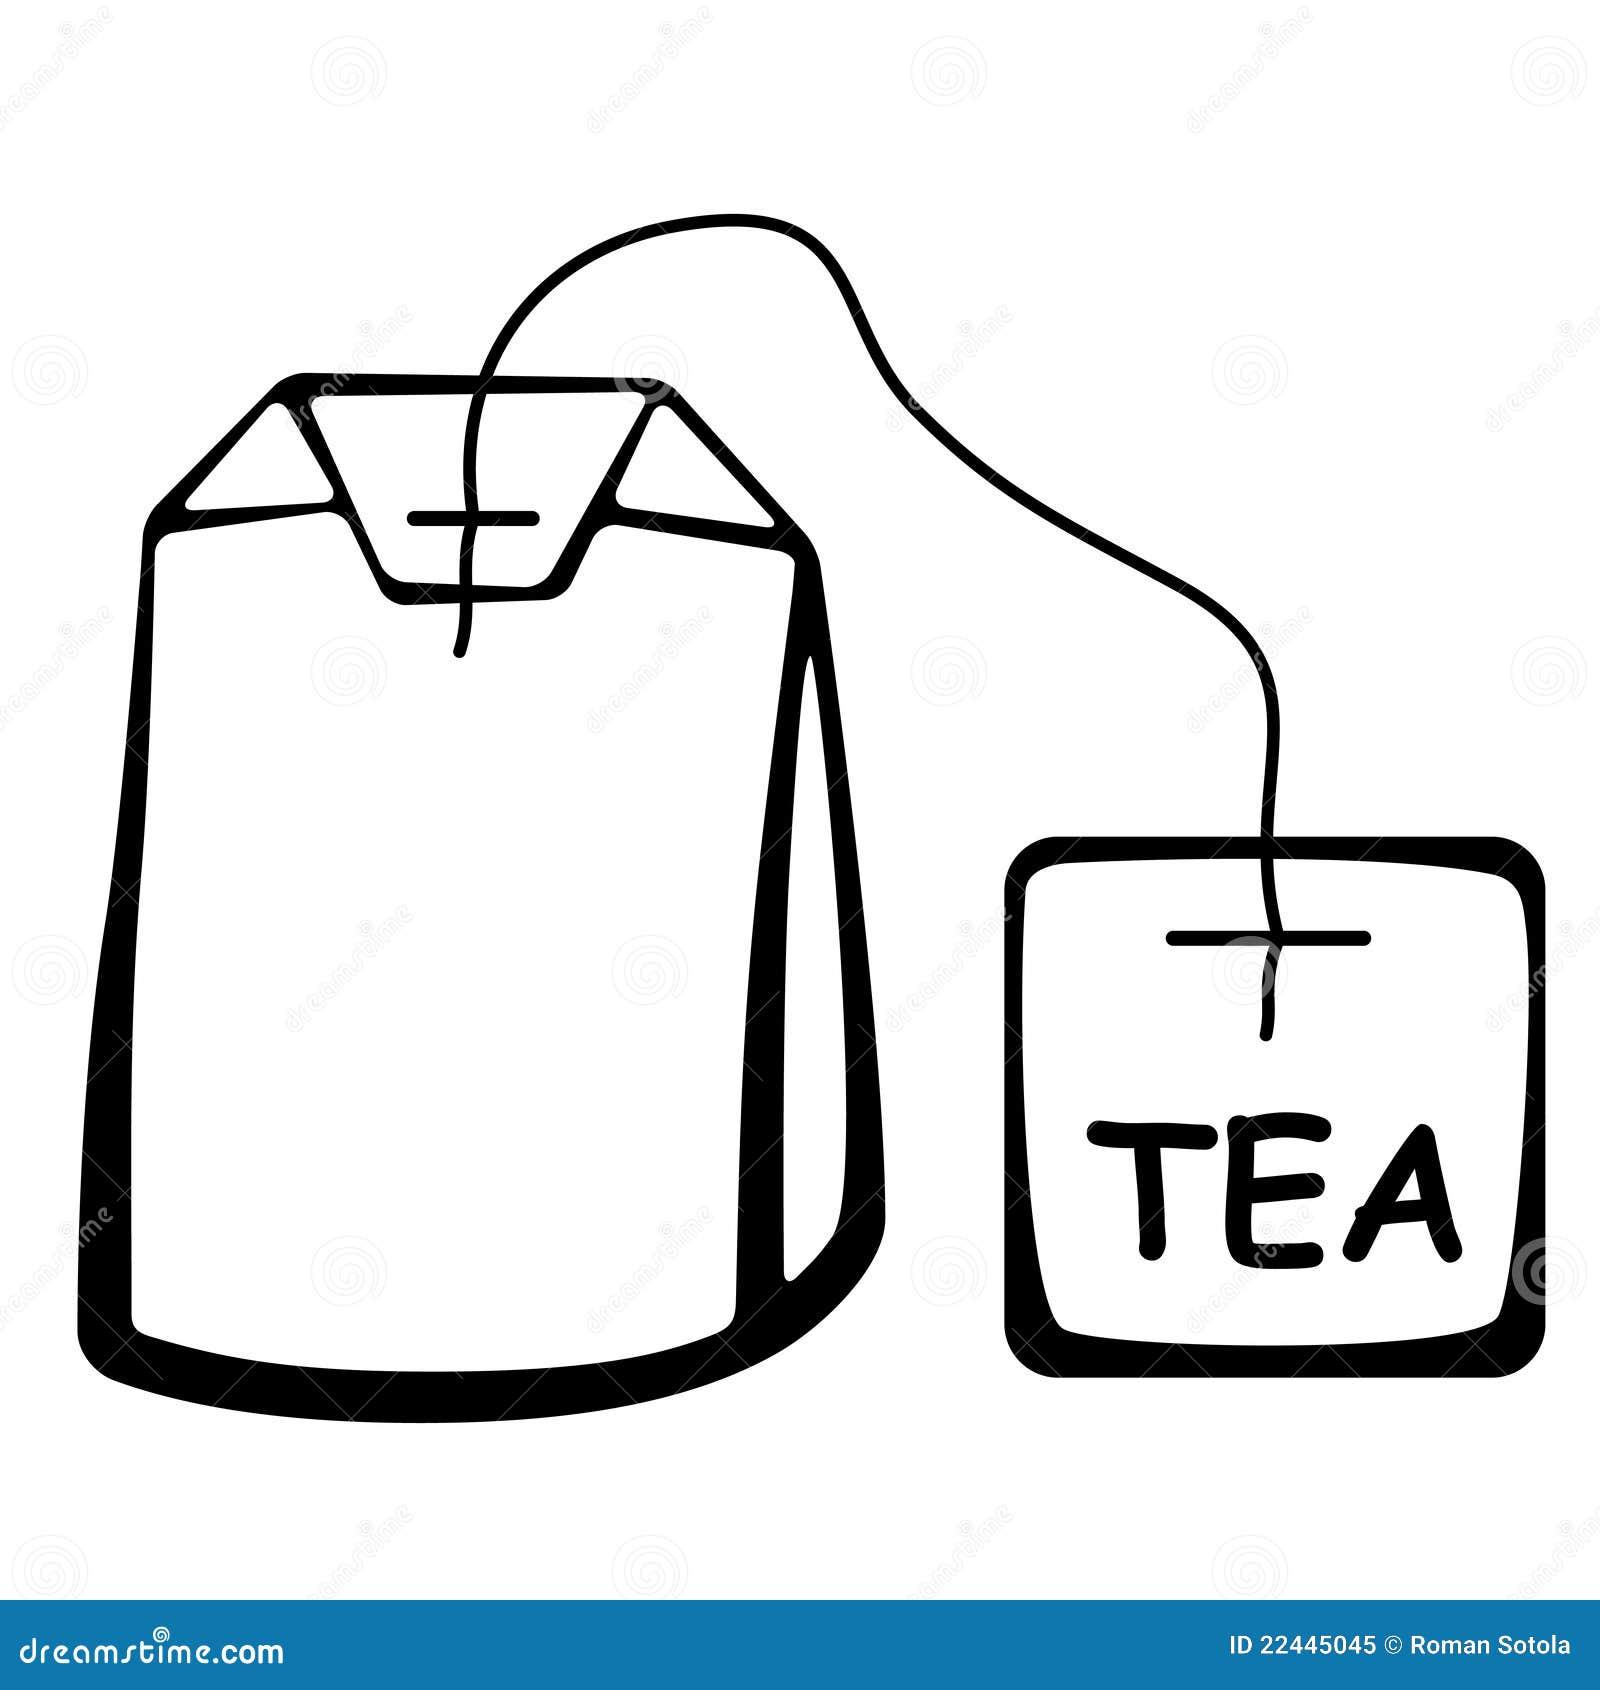 clip art tea bag - photo #7